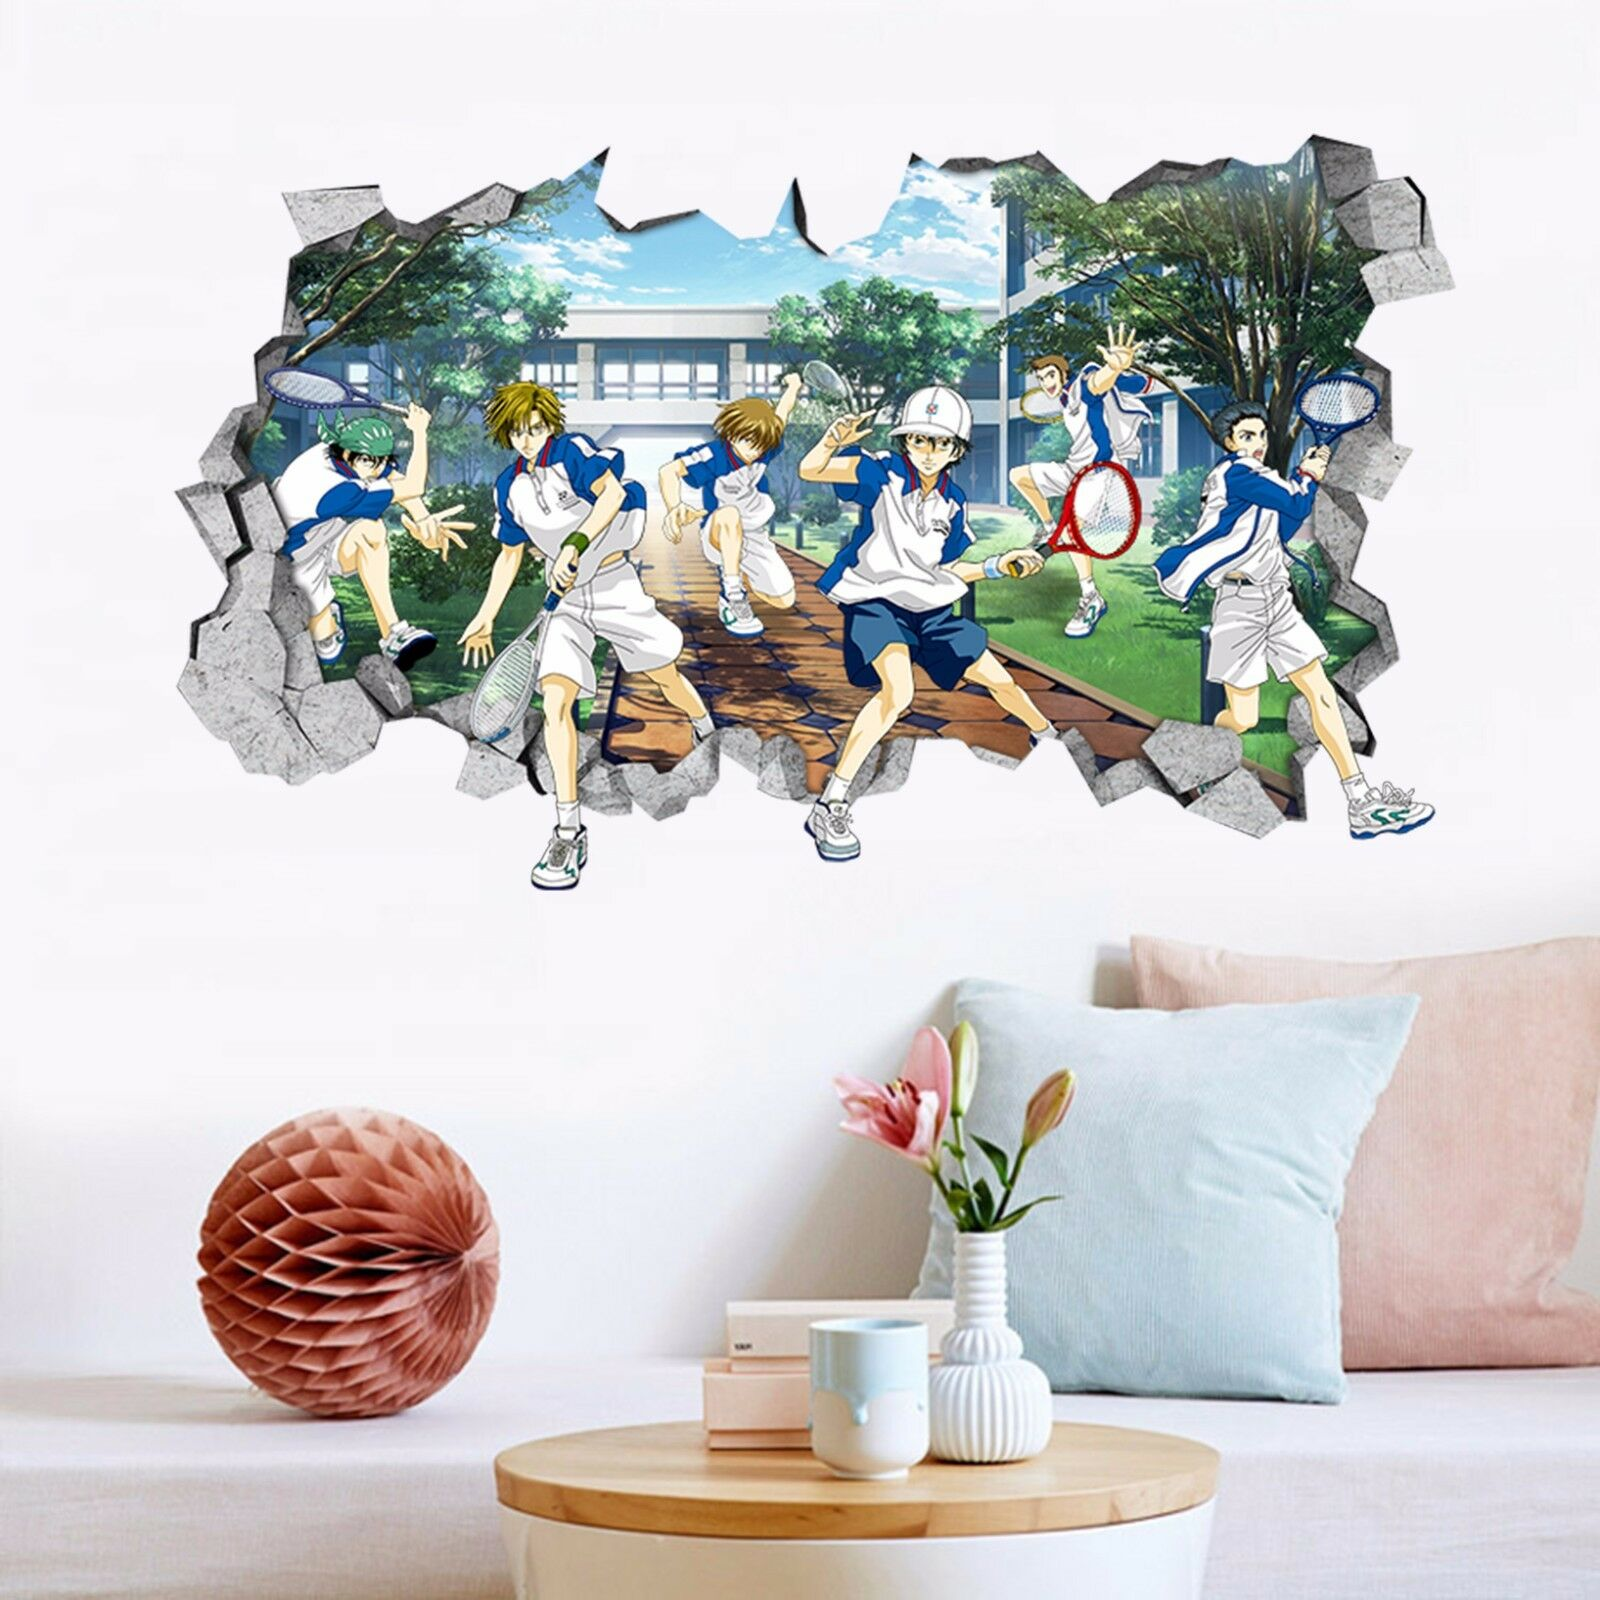 3D Tennisprinz 43 Mauer Murals Aufklebe Decal Durchbruch AJ WALLPAPER DE Kyra